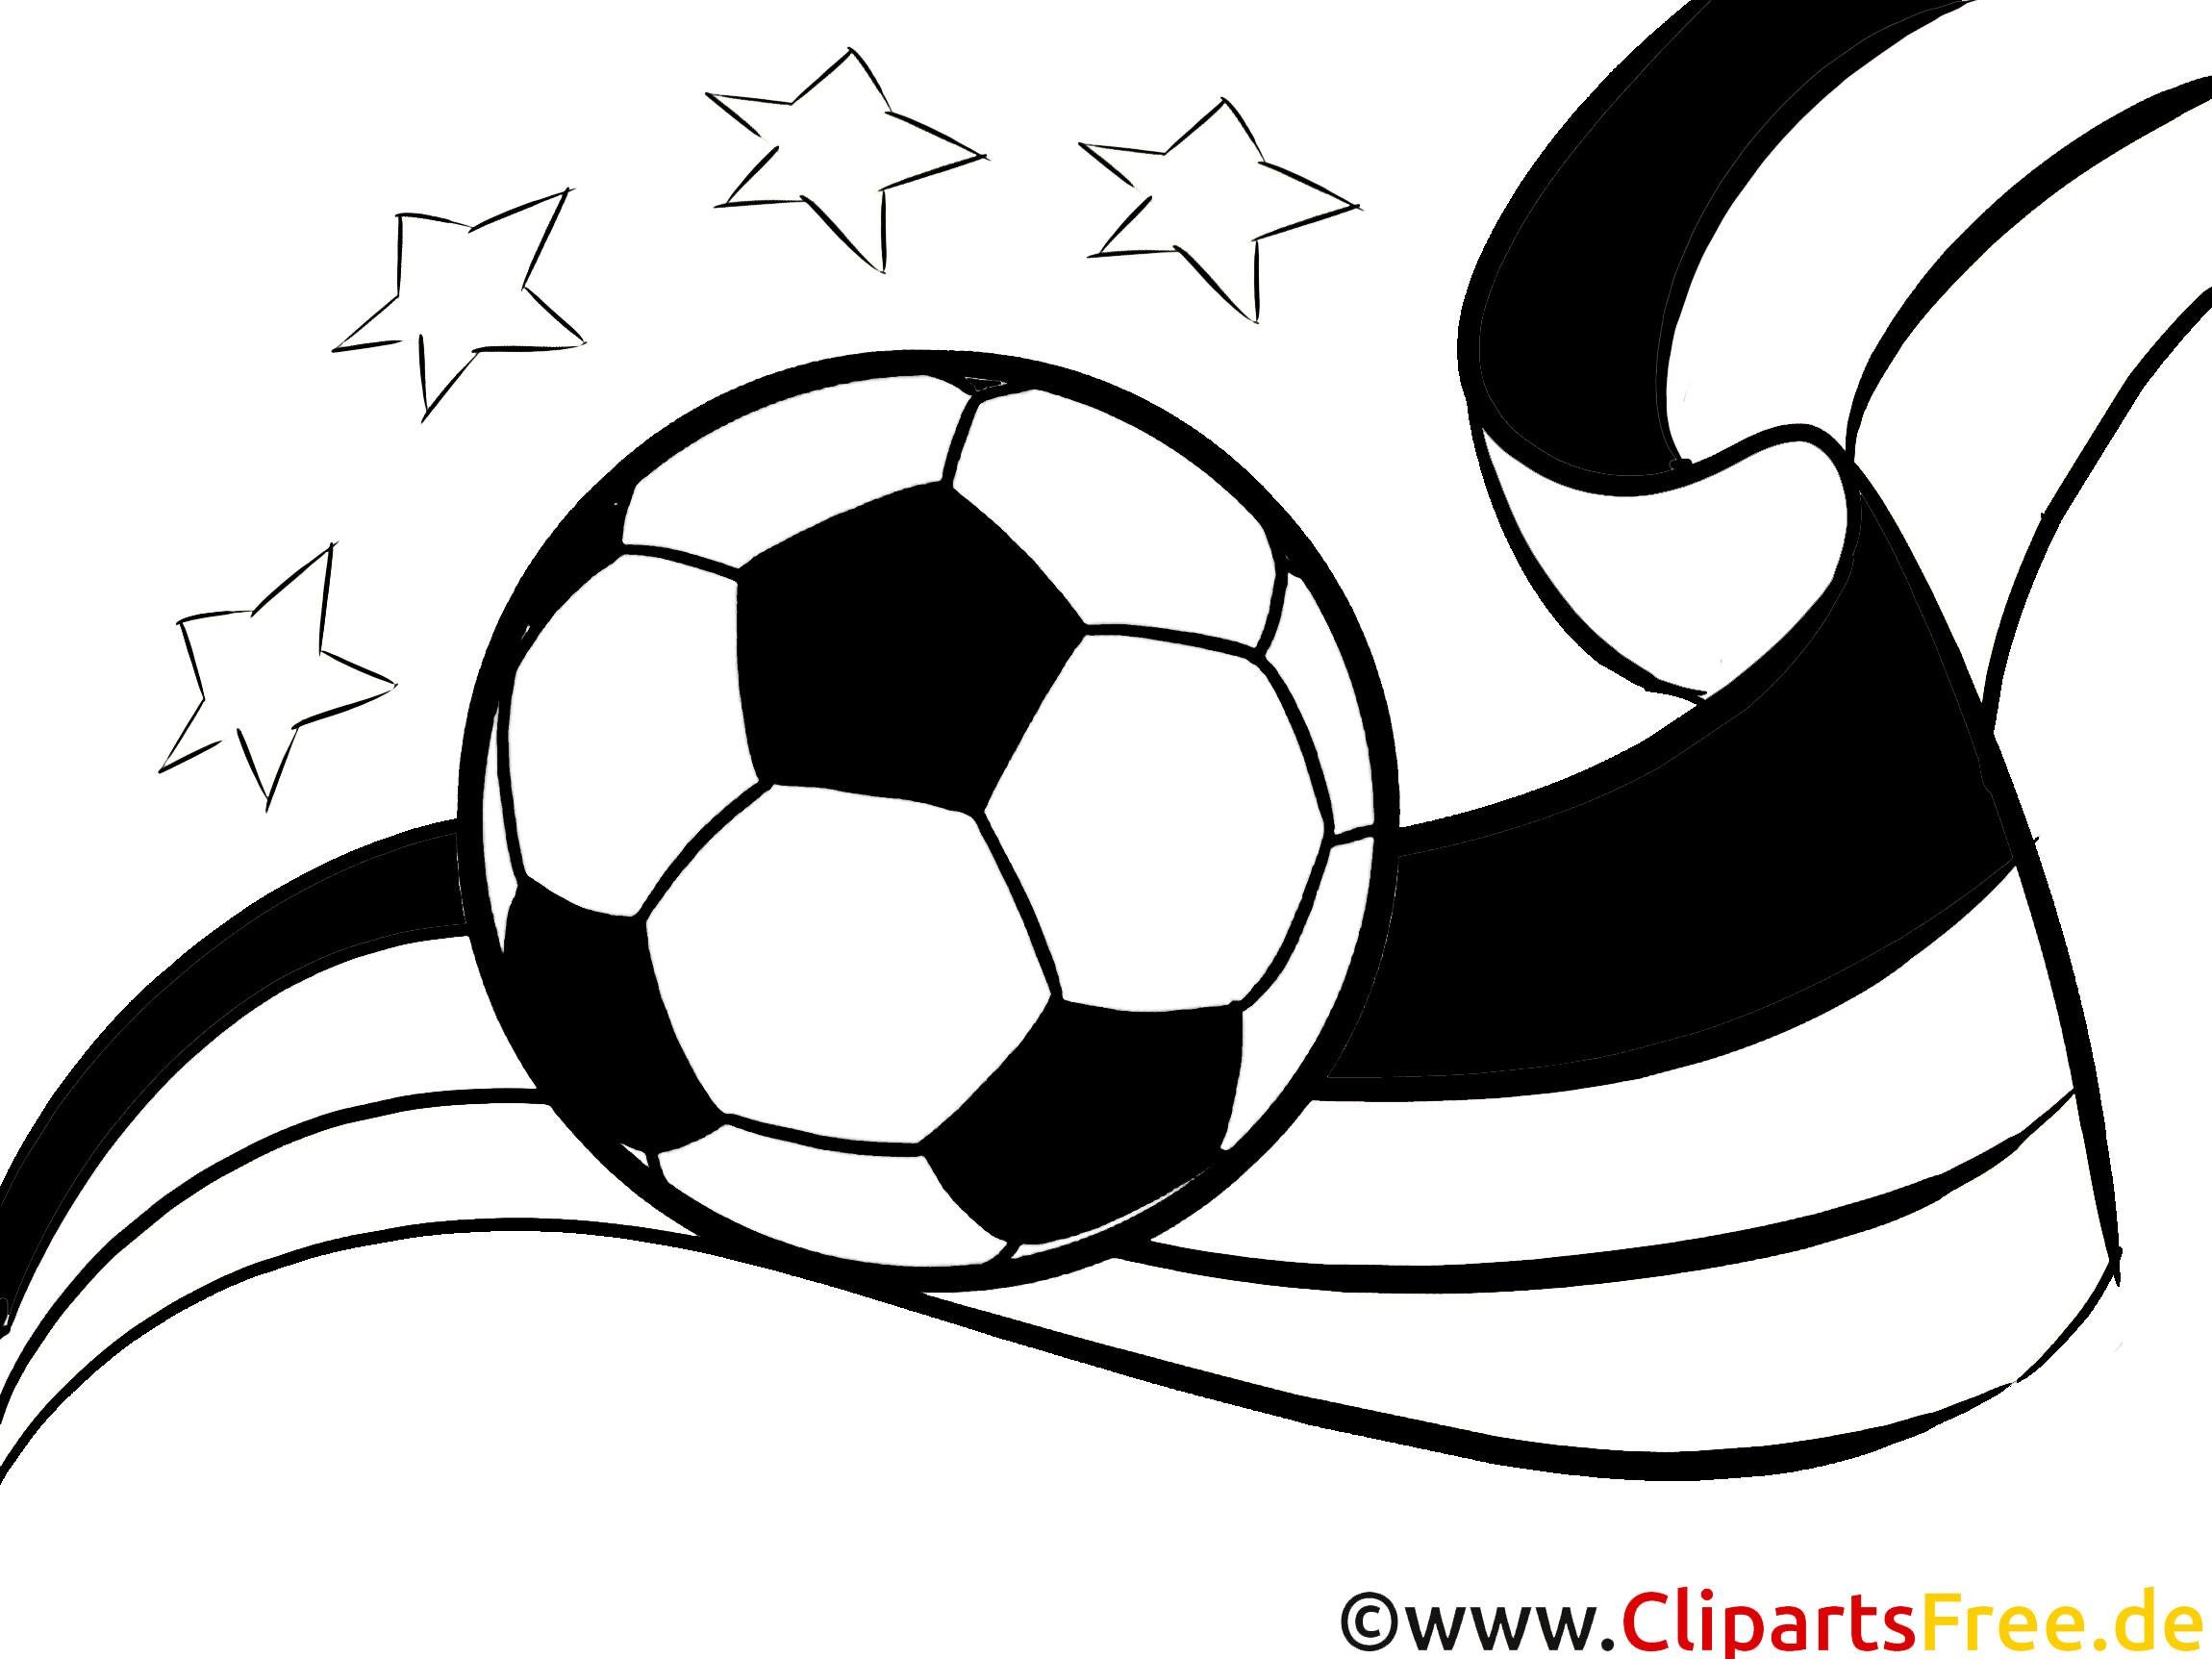 Malvorlagen Fußball  Malvorlage Fussball EM und WM